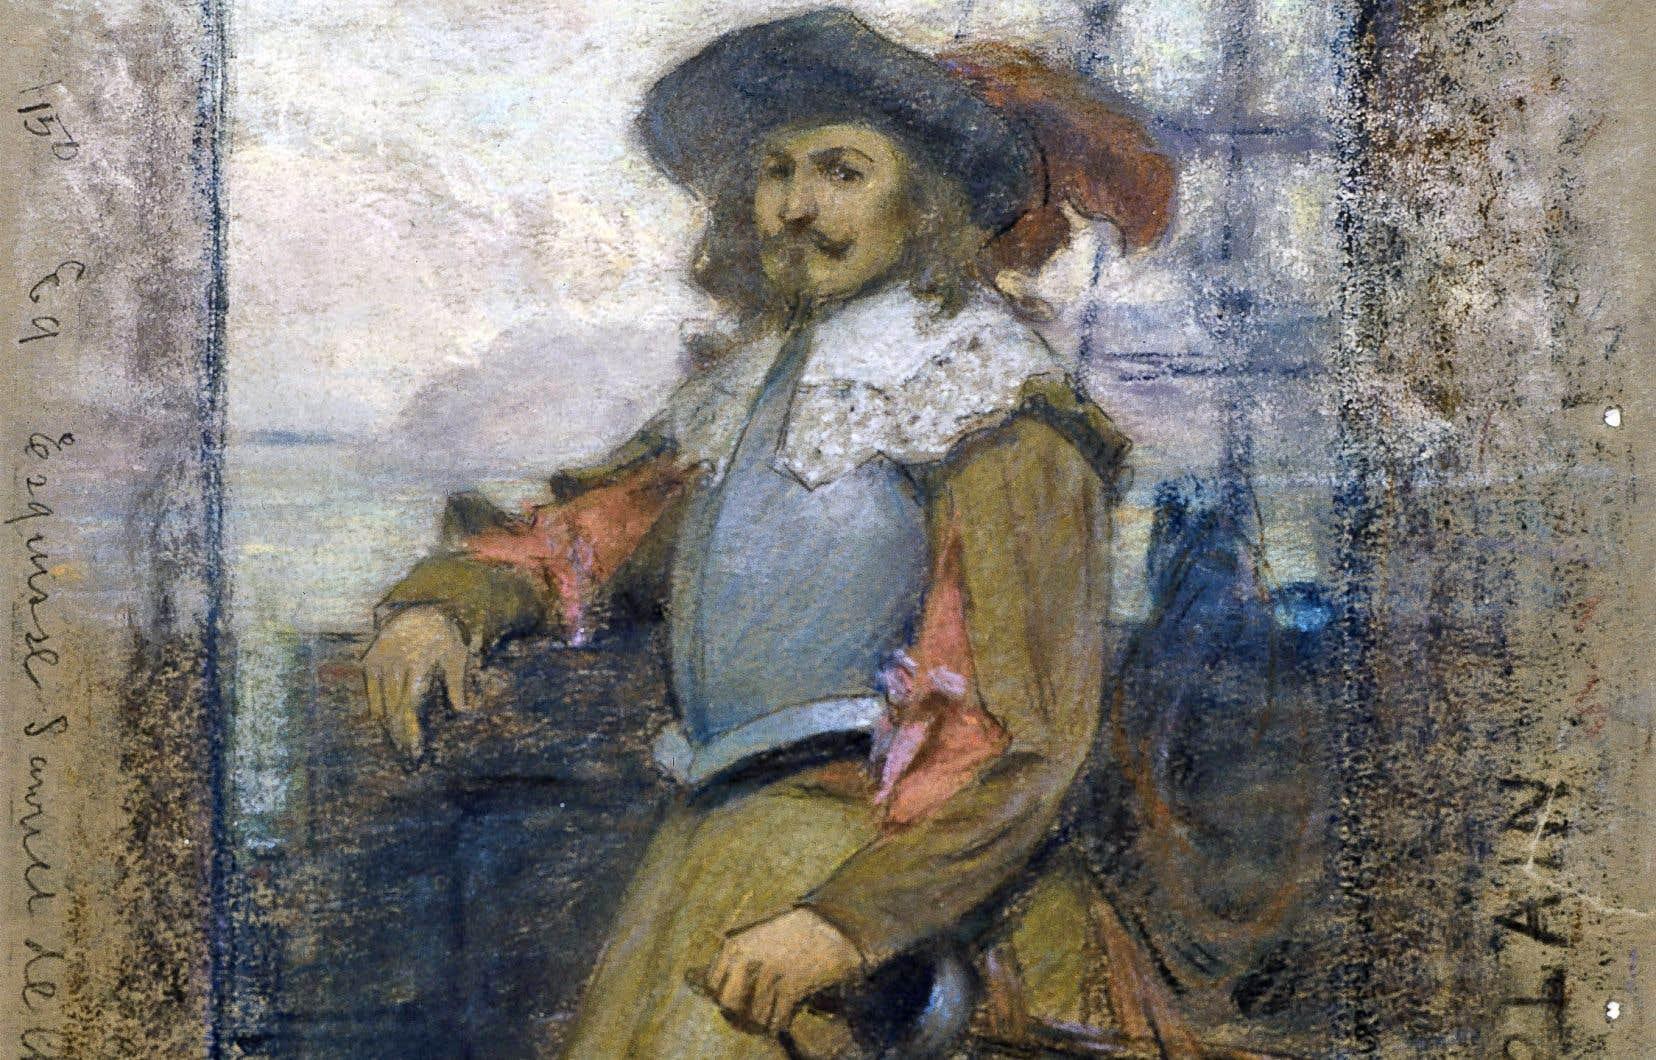 «Étude pour l'arrivée de Samuel de Champlain à Québec», de Marc-Aurèle de Foy Suzor-Coté, 1908-1909